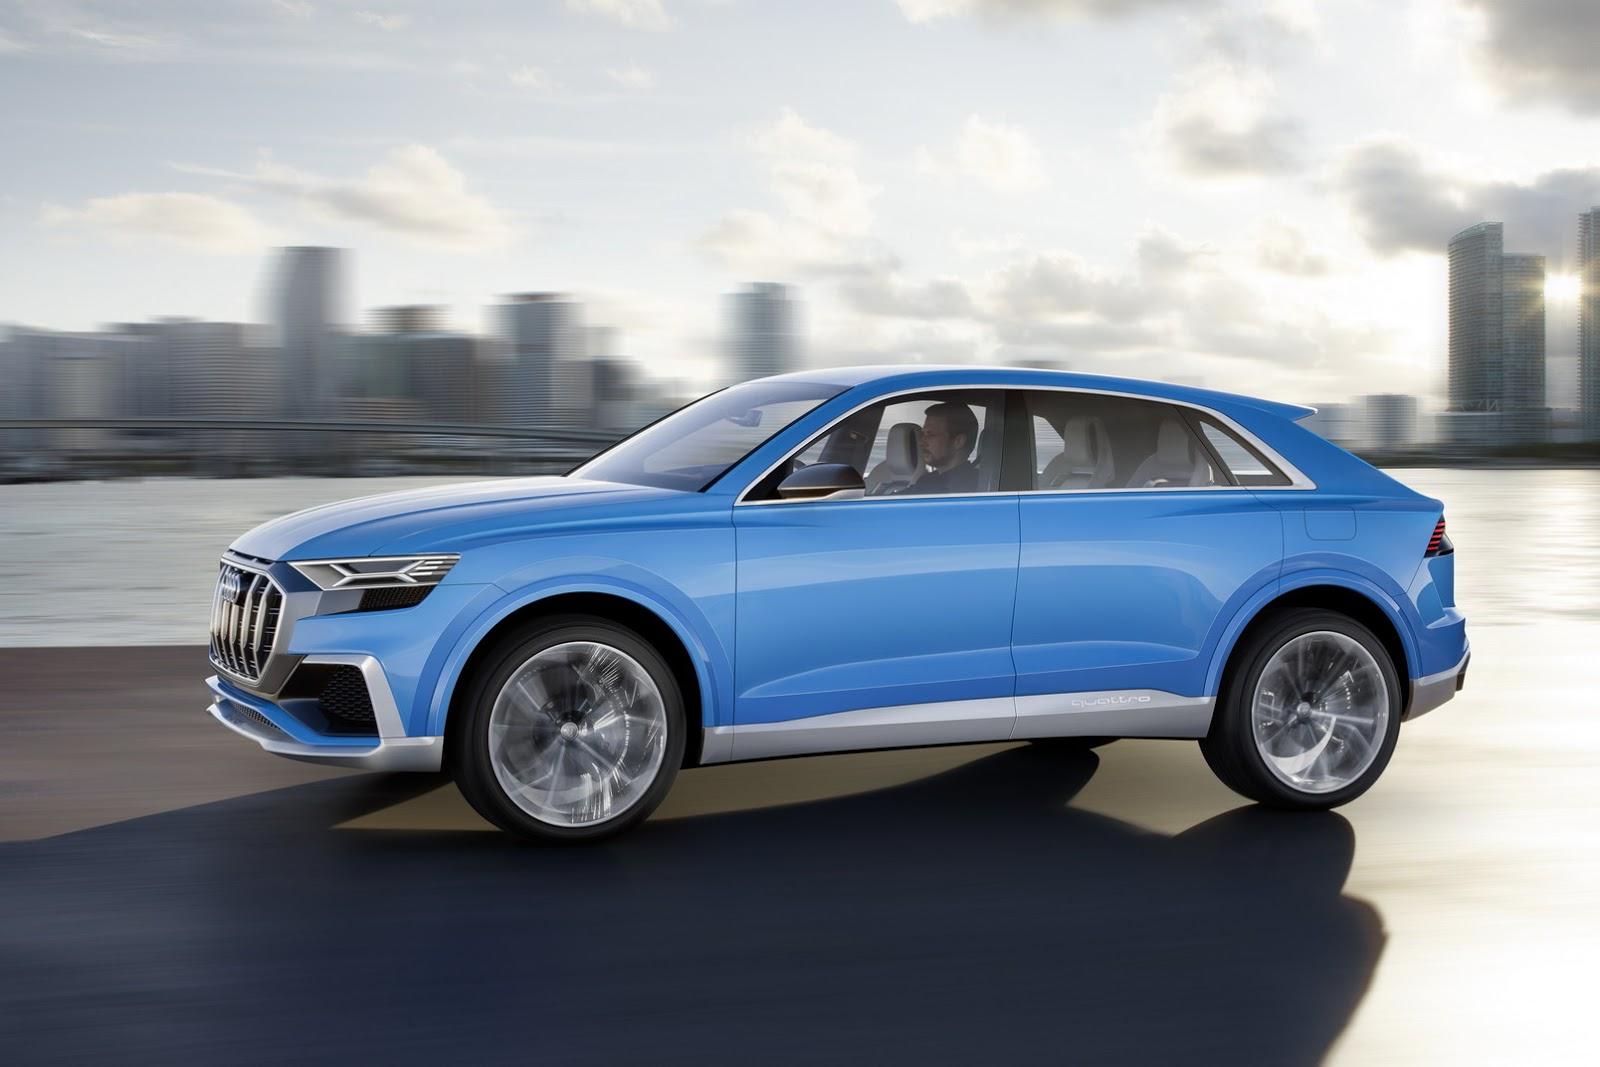 Audi_Q8_concept_12